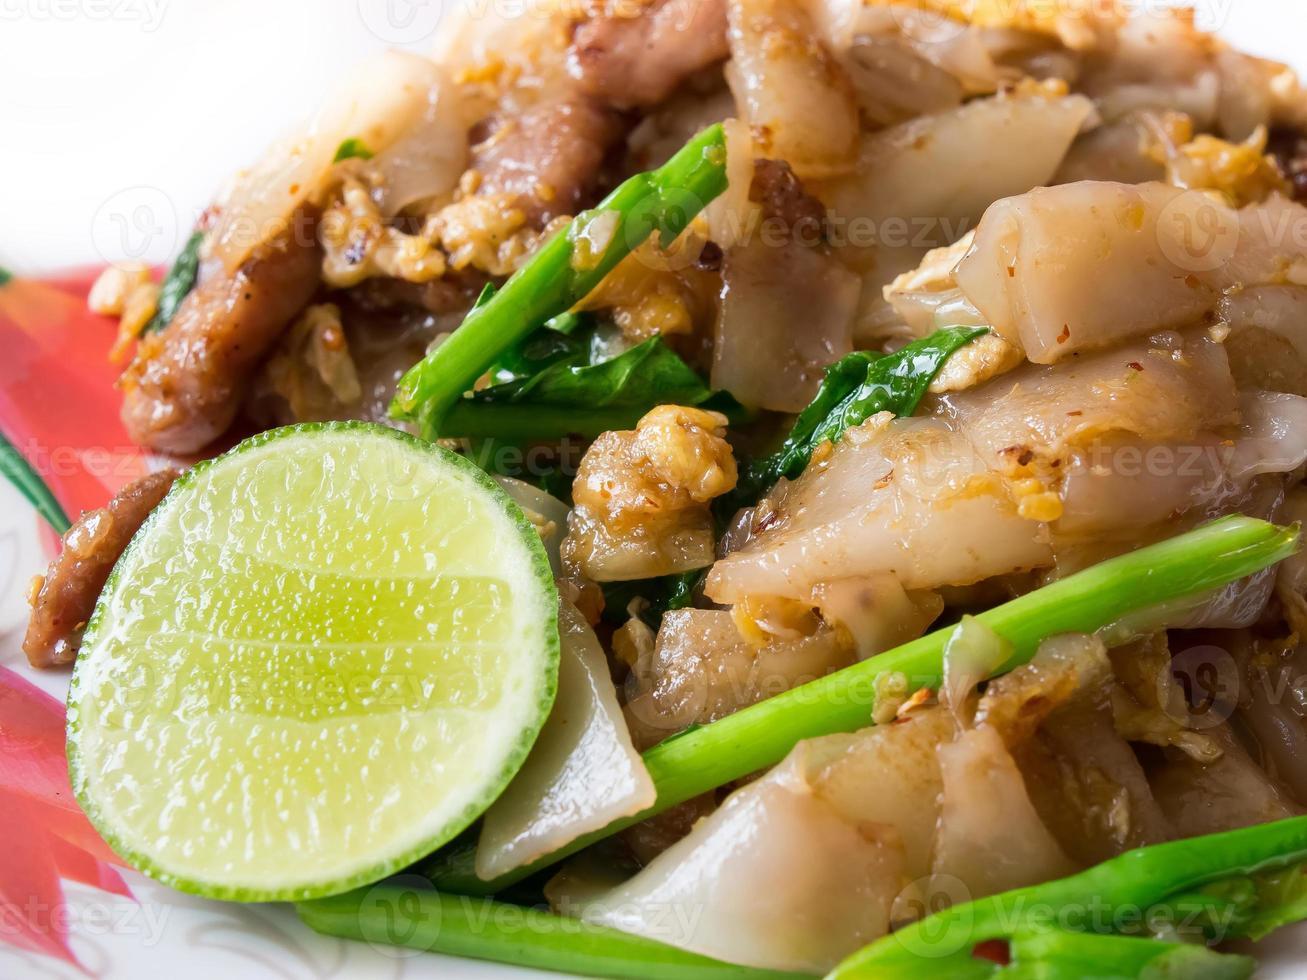 spaghetti di riso saltati in padella, è uno dei thailandesi nazionali foto